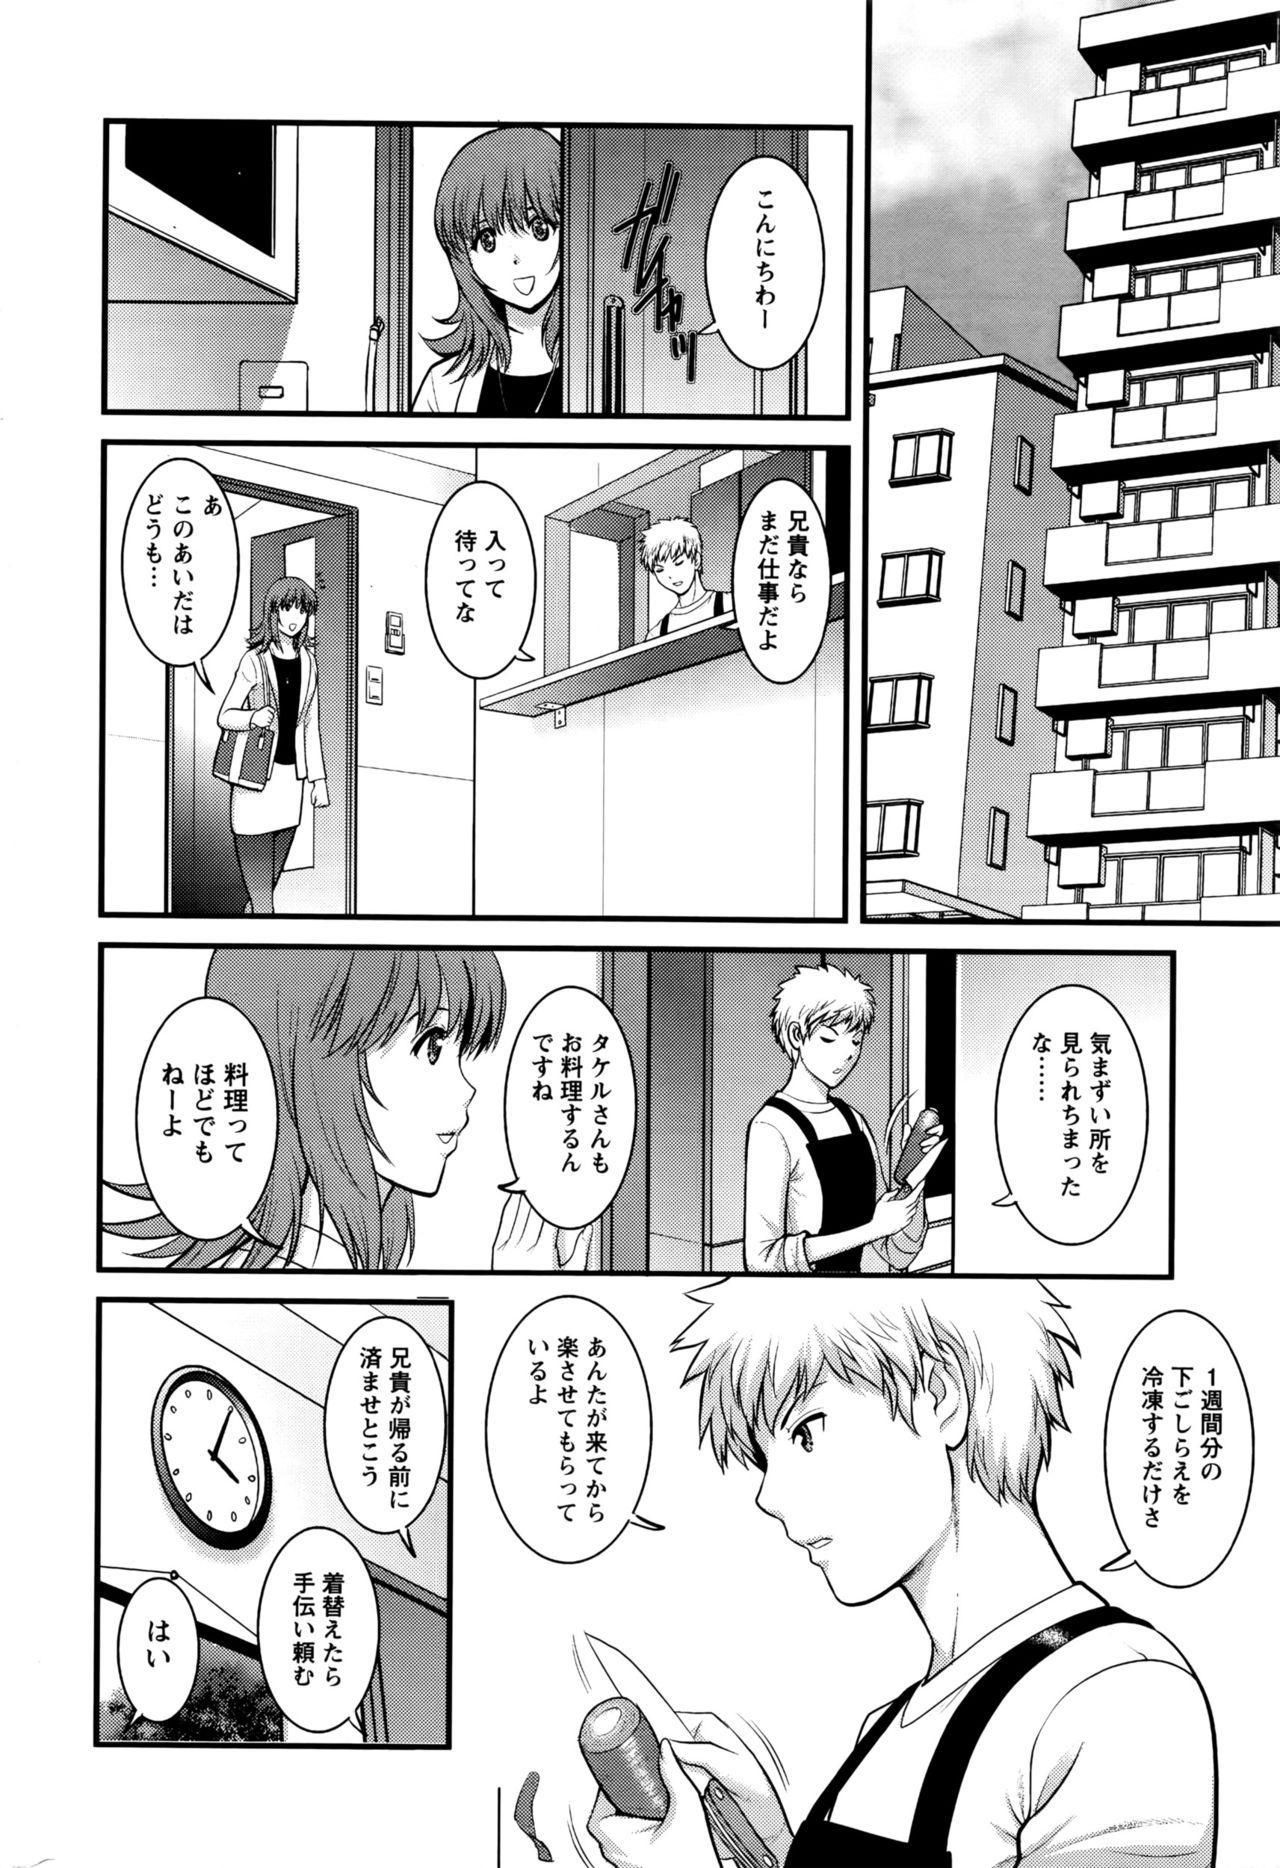 [Saigado] Part time Manaka-san 2nd Ch. 1-3 42